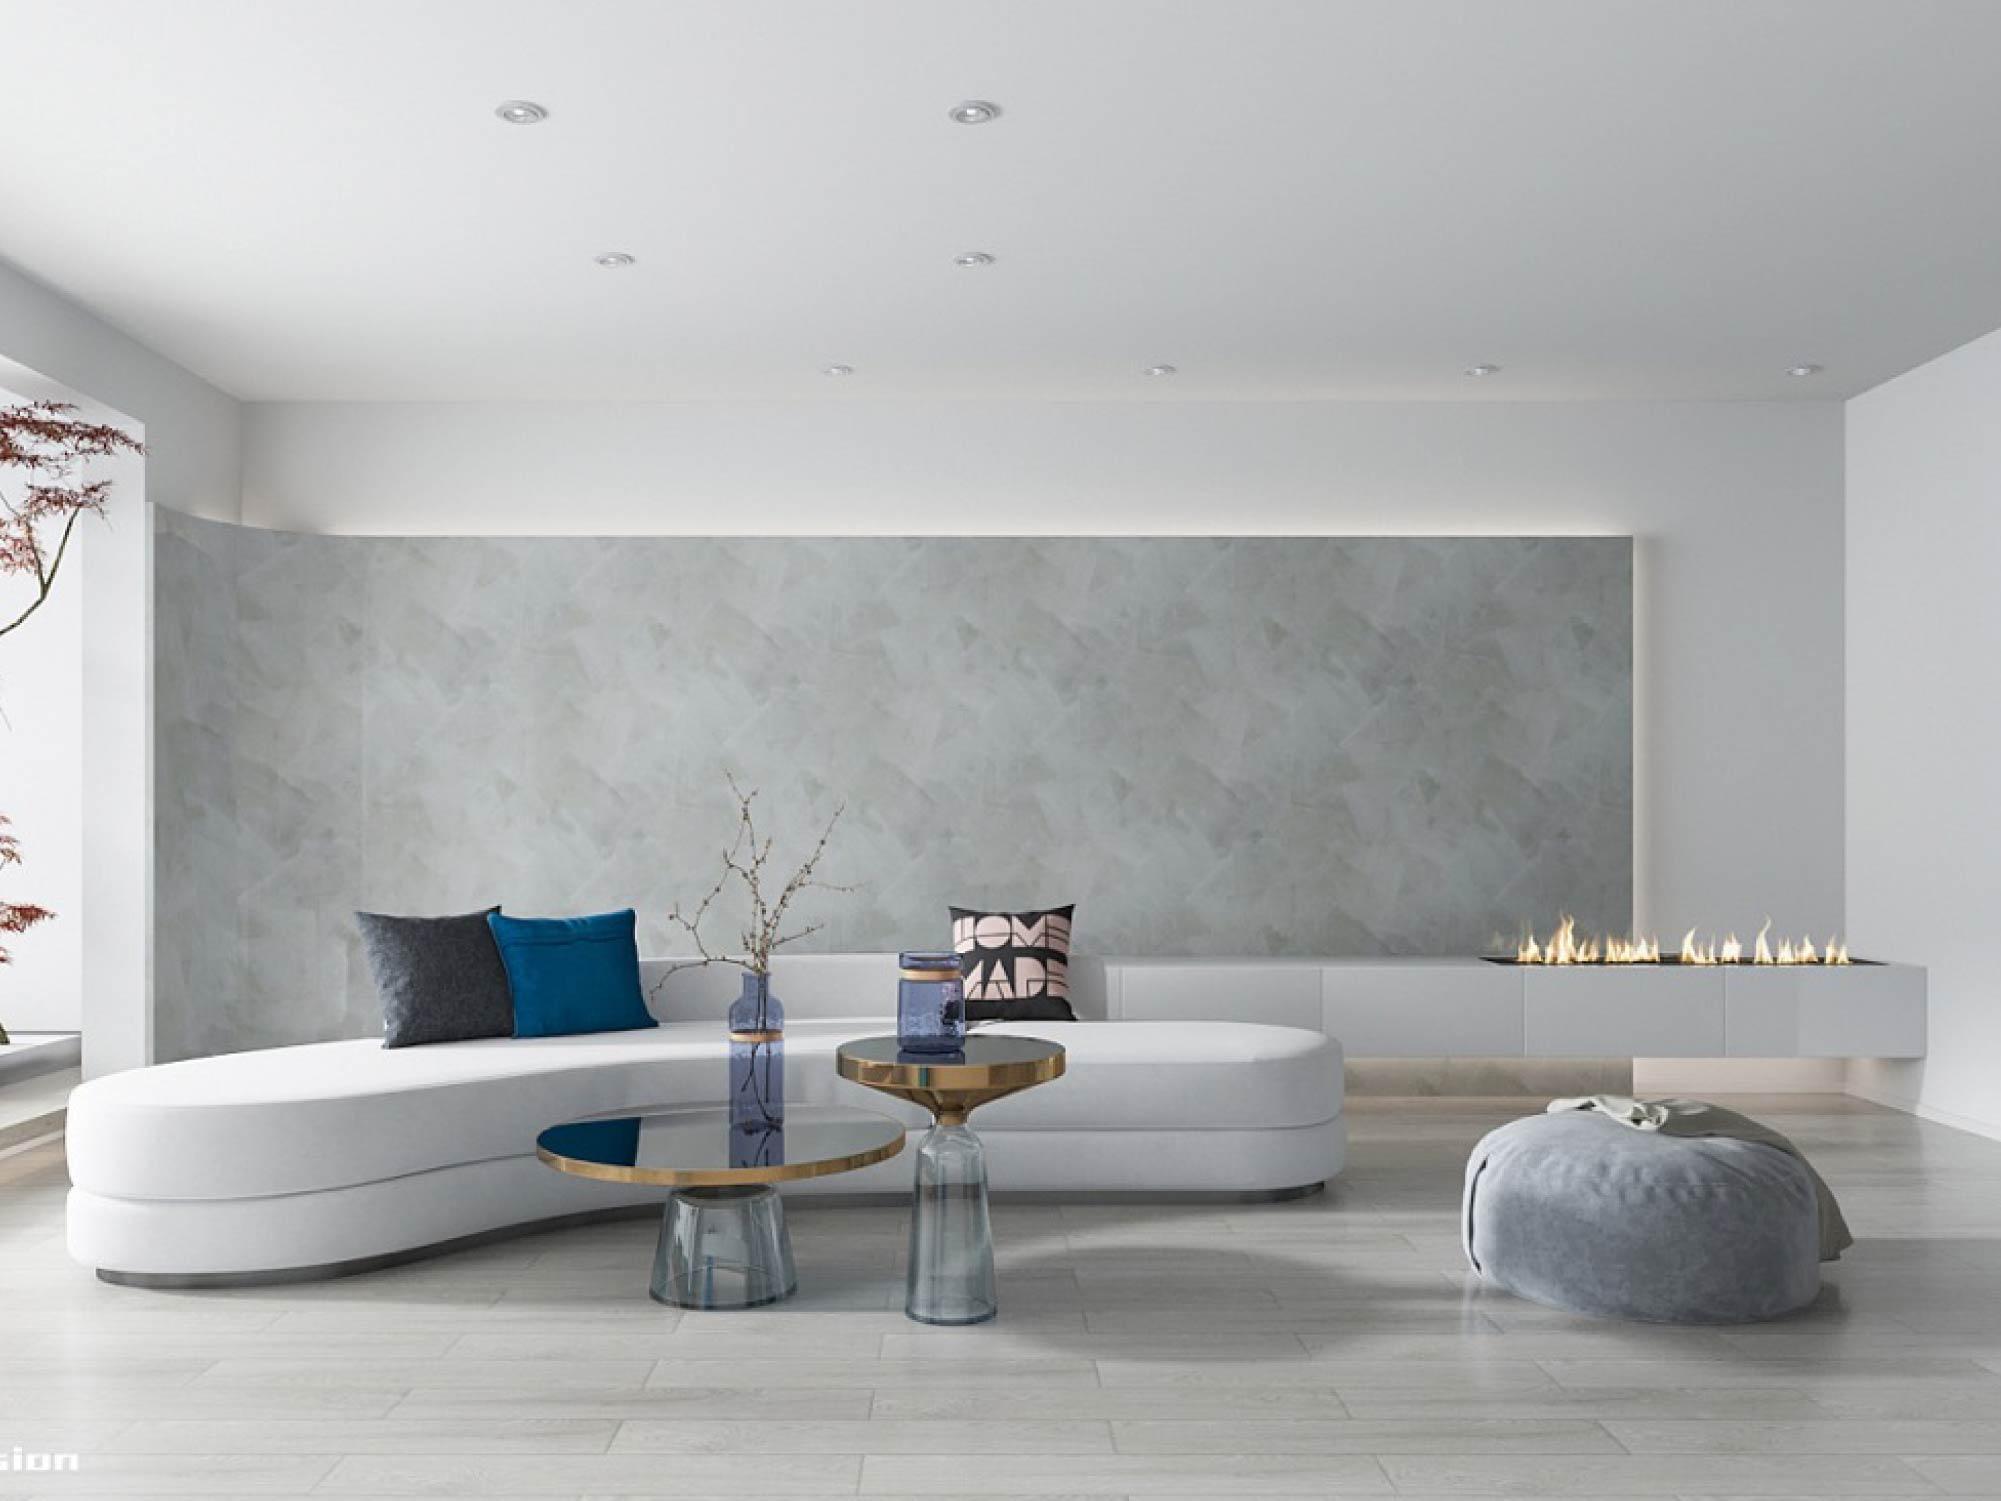 sala minimalista com parede texturizada em concreto e almofadas